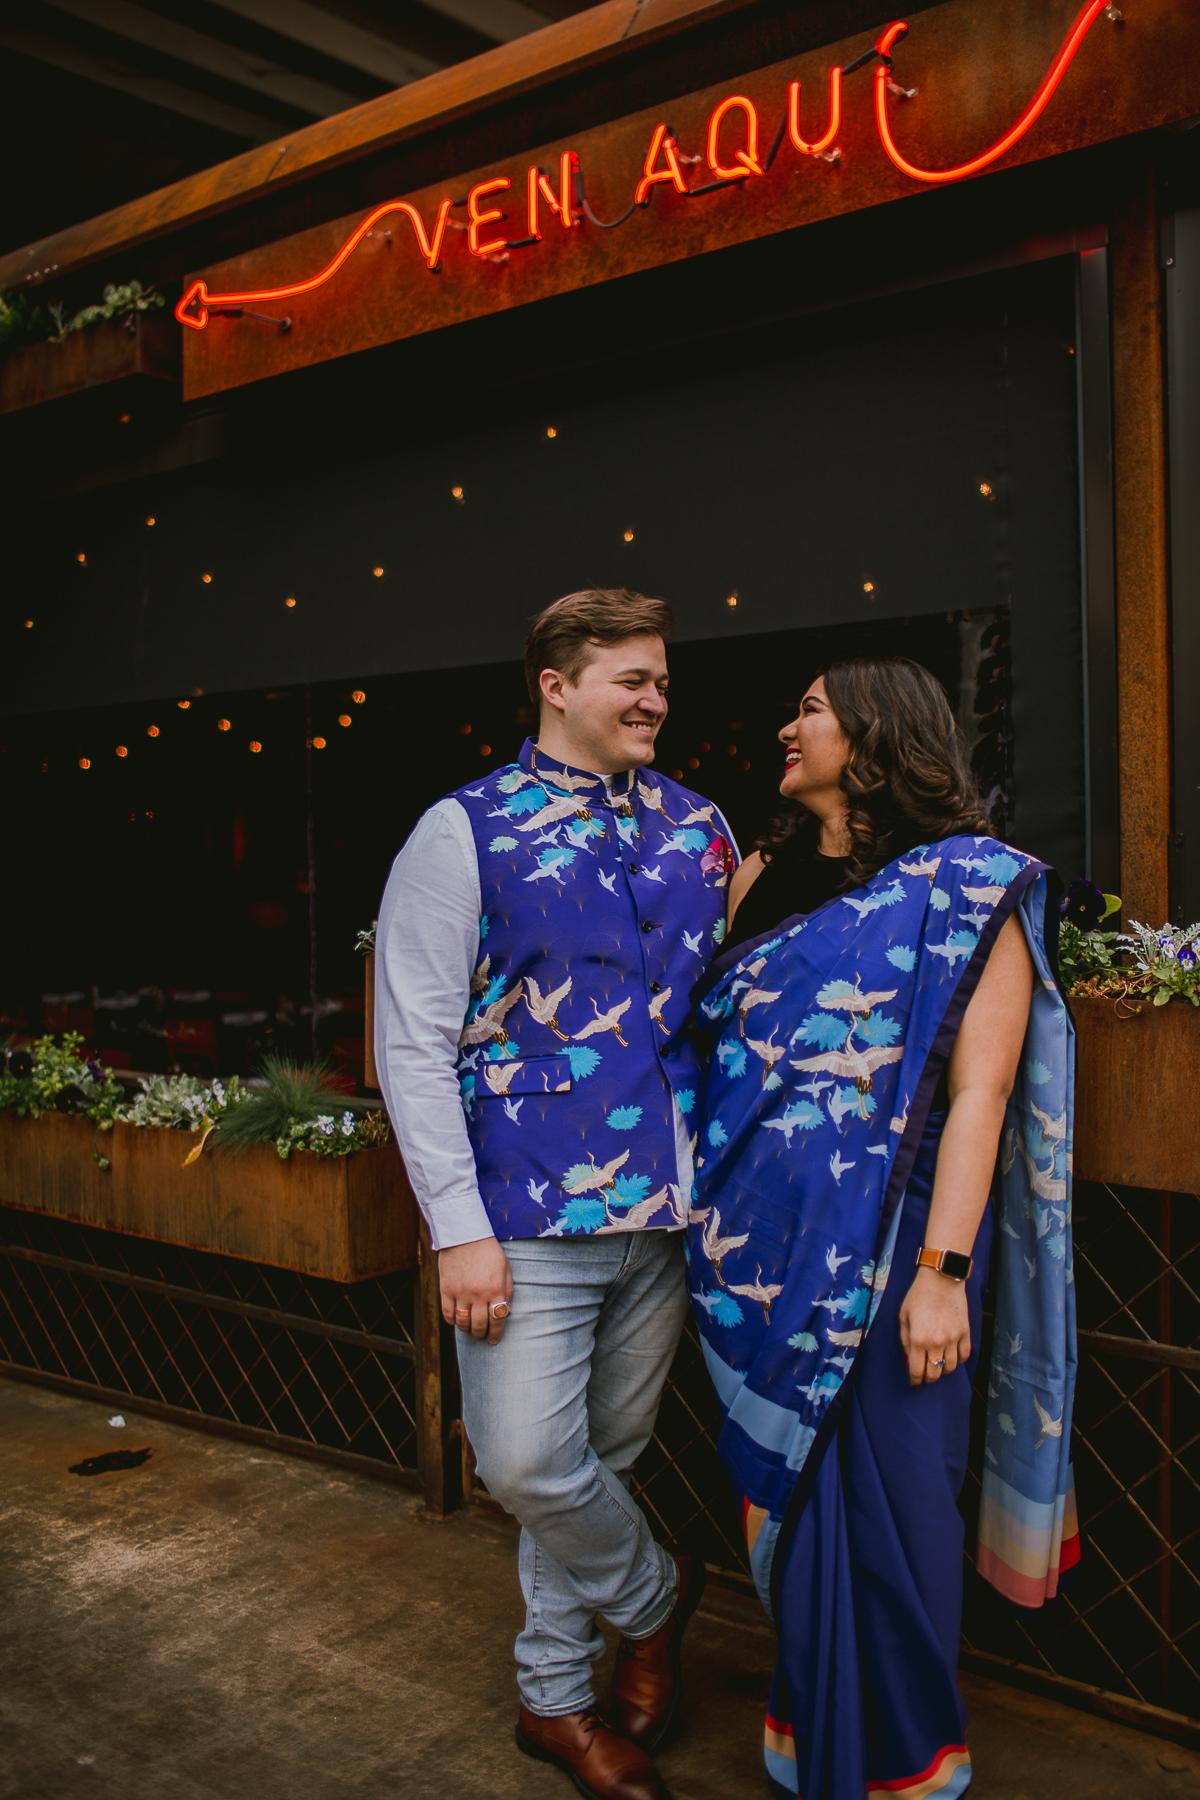 atlanta-beltline-american-indian-engagement-kelley-raye-los-angeles-wedding-photographer-3.jpg